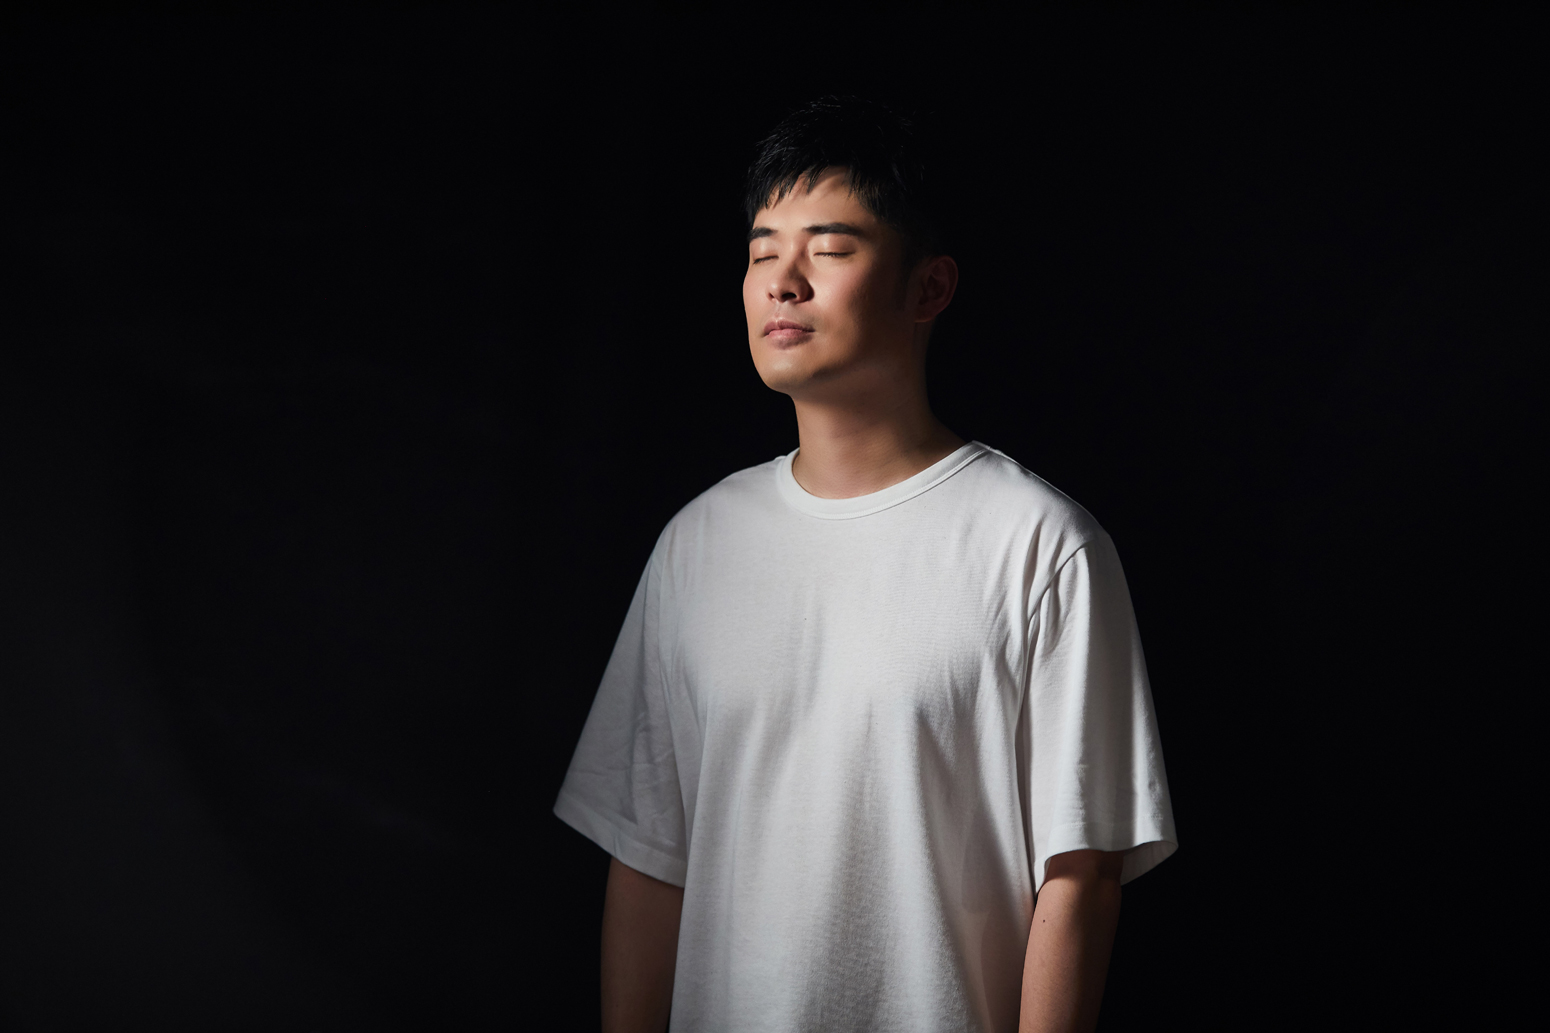 陈赫动情演唱.jpg